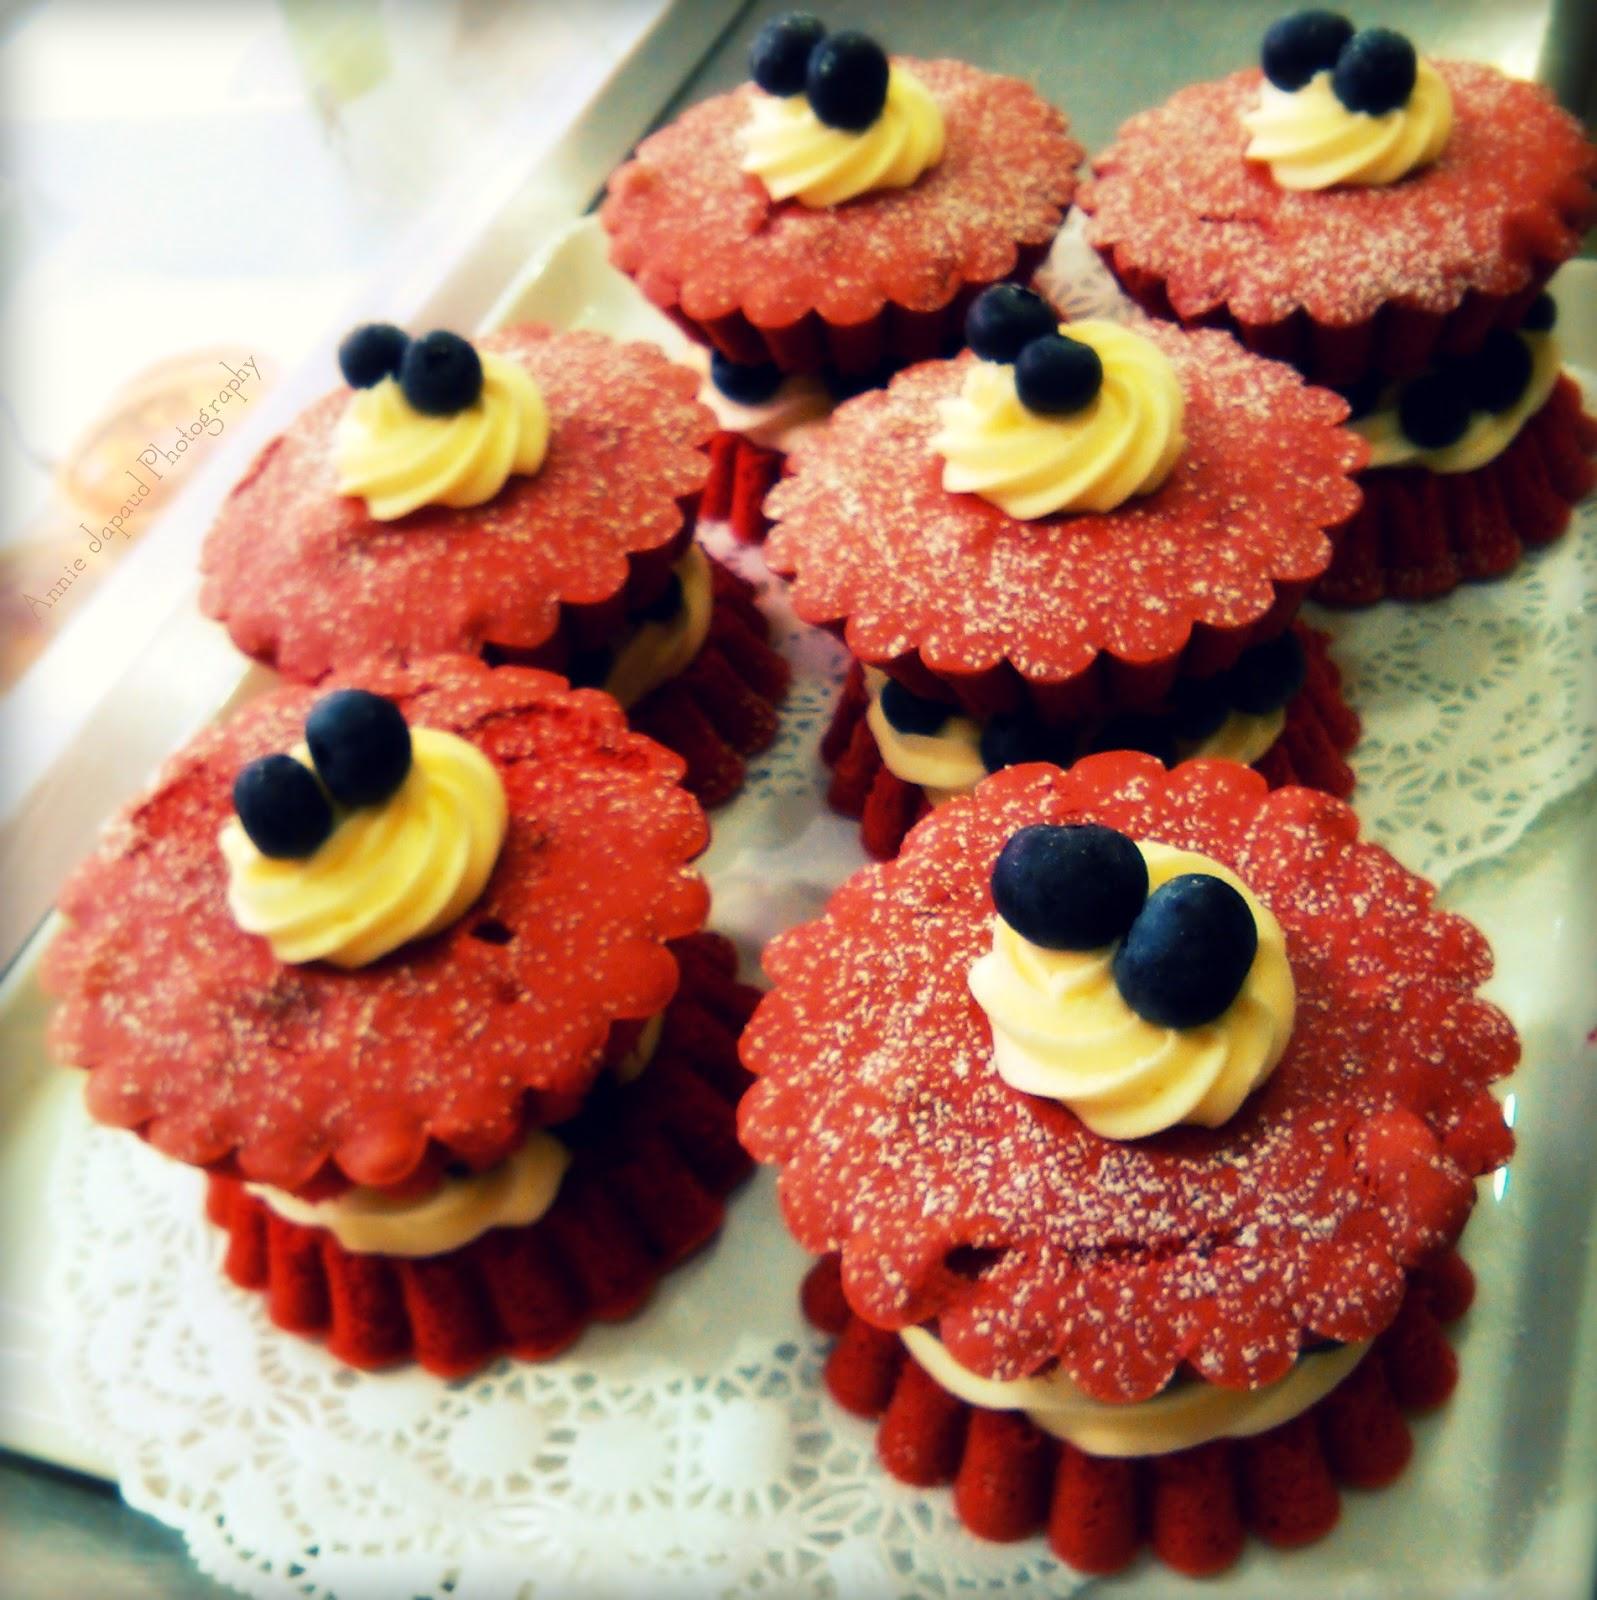 red velvet cakes from the White Gables restaurant, Moycullen, Ireland